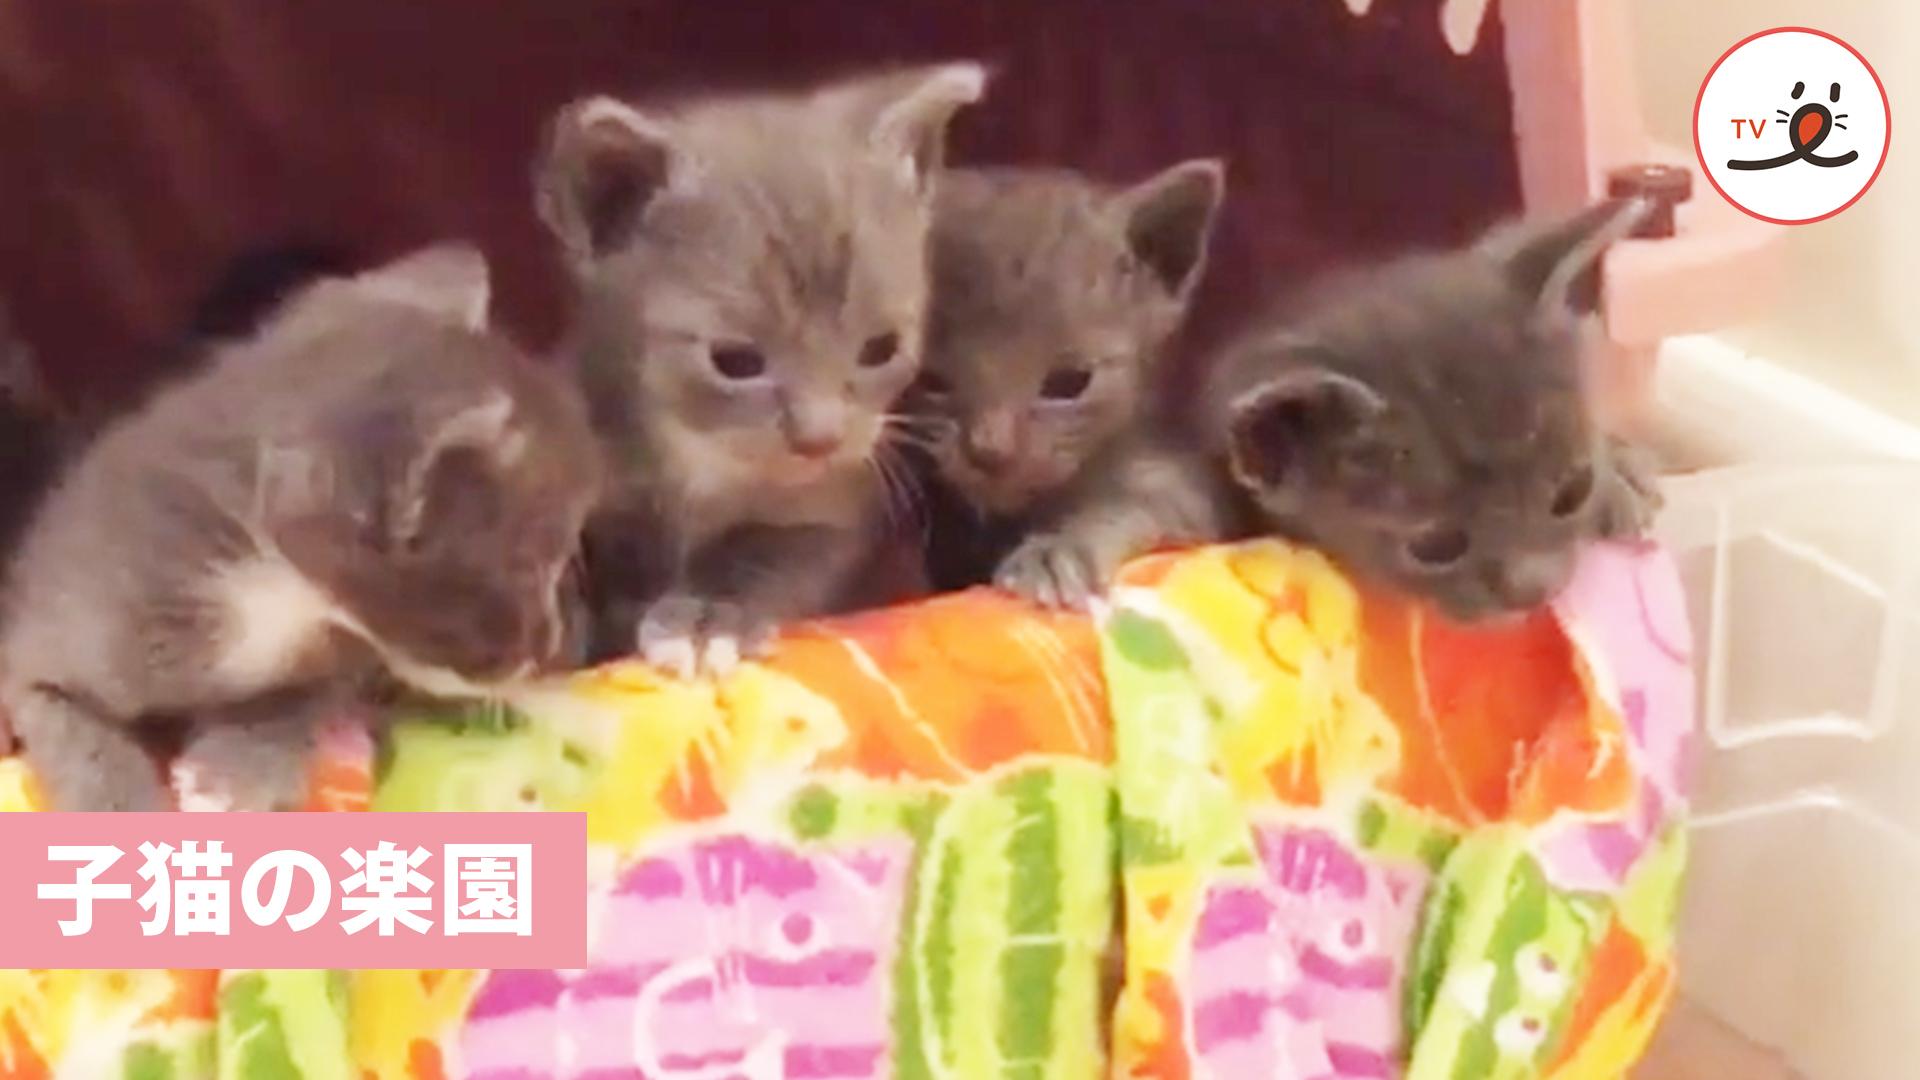 初めてお外へ出かける子猫ちゃんたち